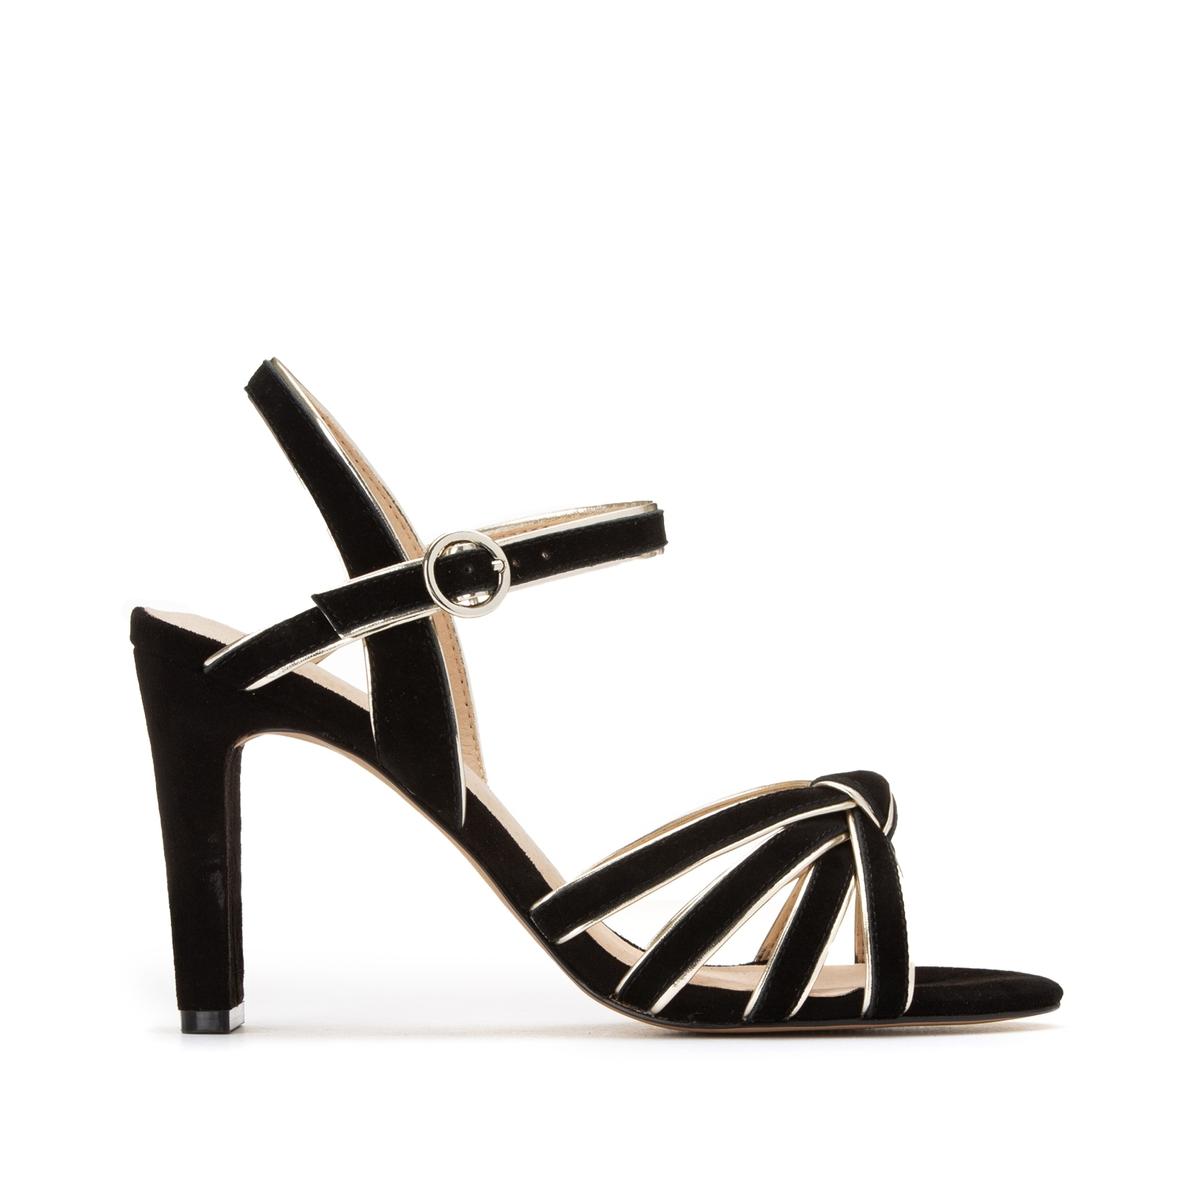 цена Босоножки La Redoute Кожаные на высоком каблуке с блестящим кантом 40 черный онлайн в 2017 году